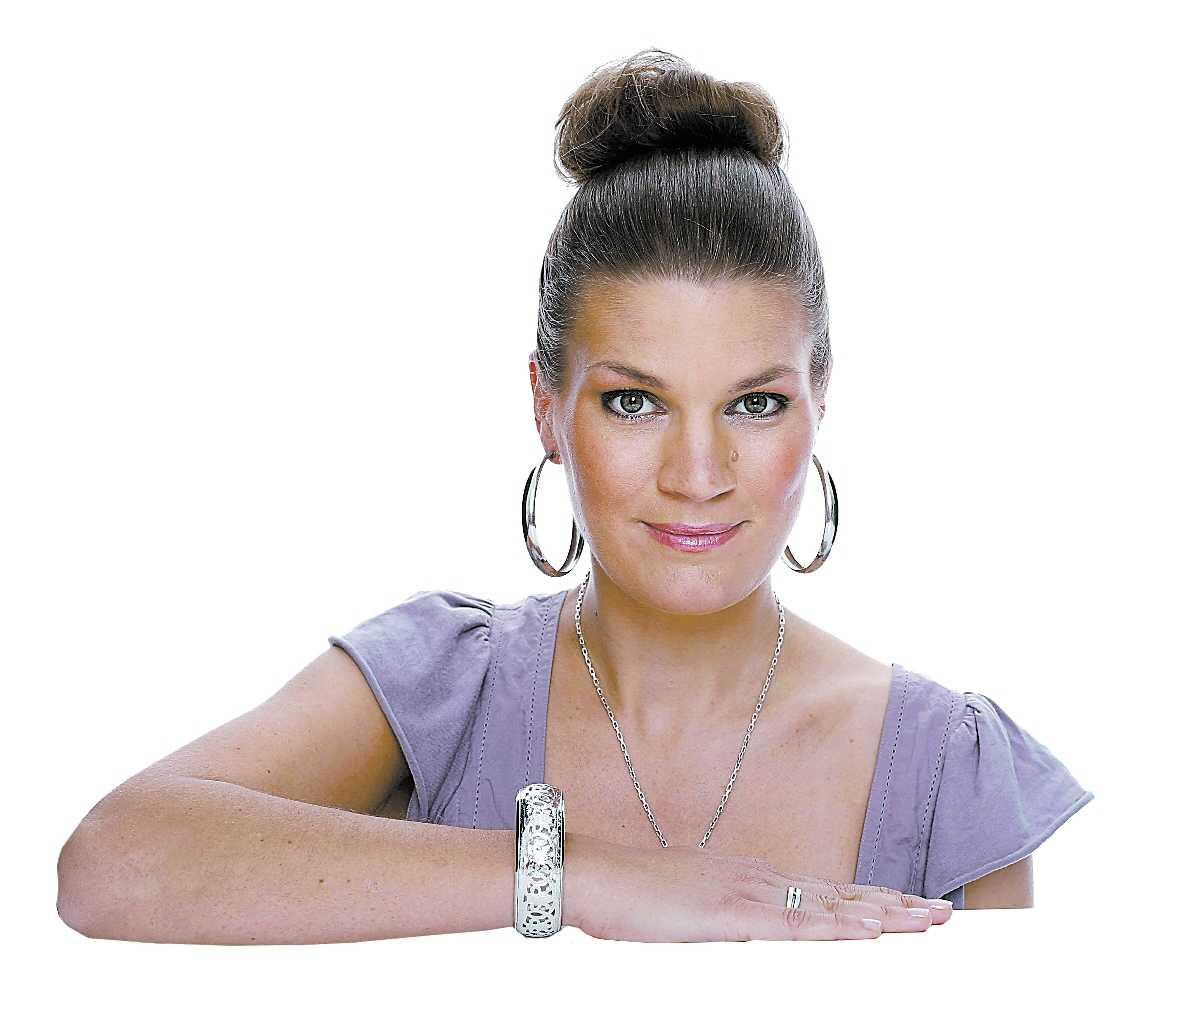 Fotbollsfrun MalinWollin är kröniköri Aftonbladet och på wendela.se